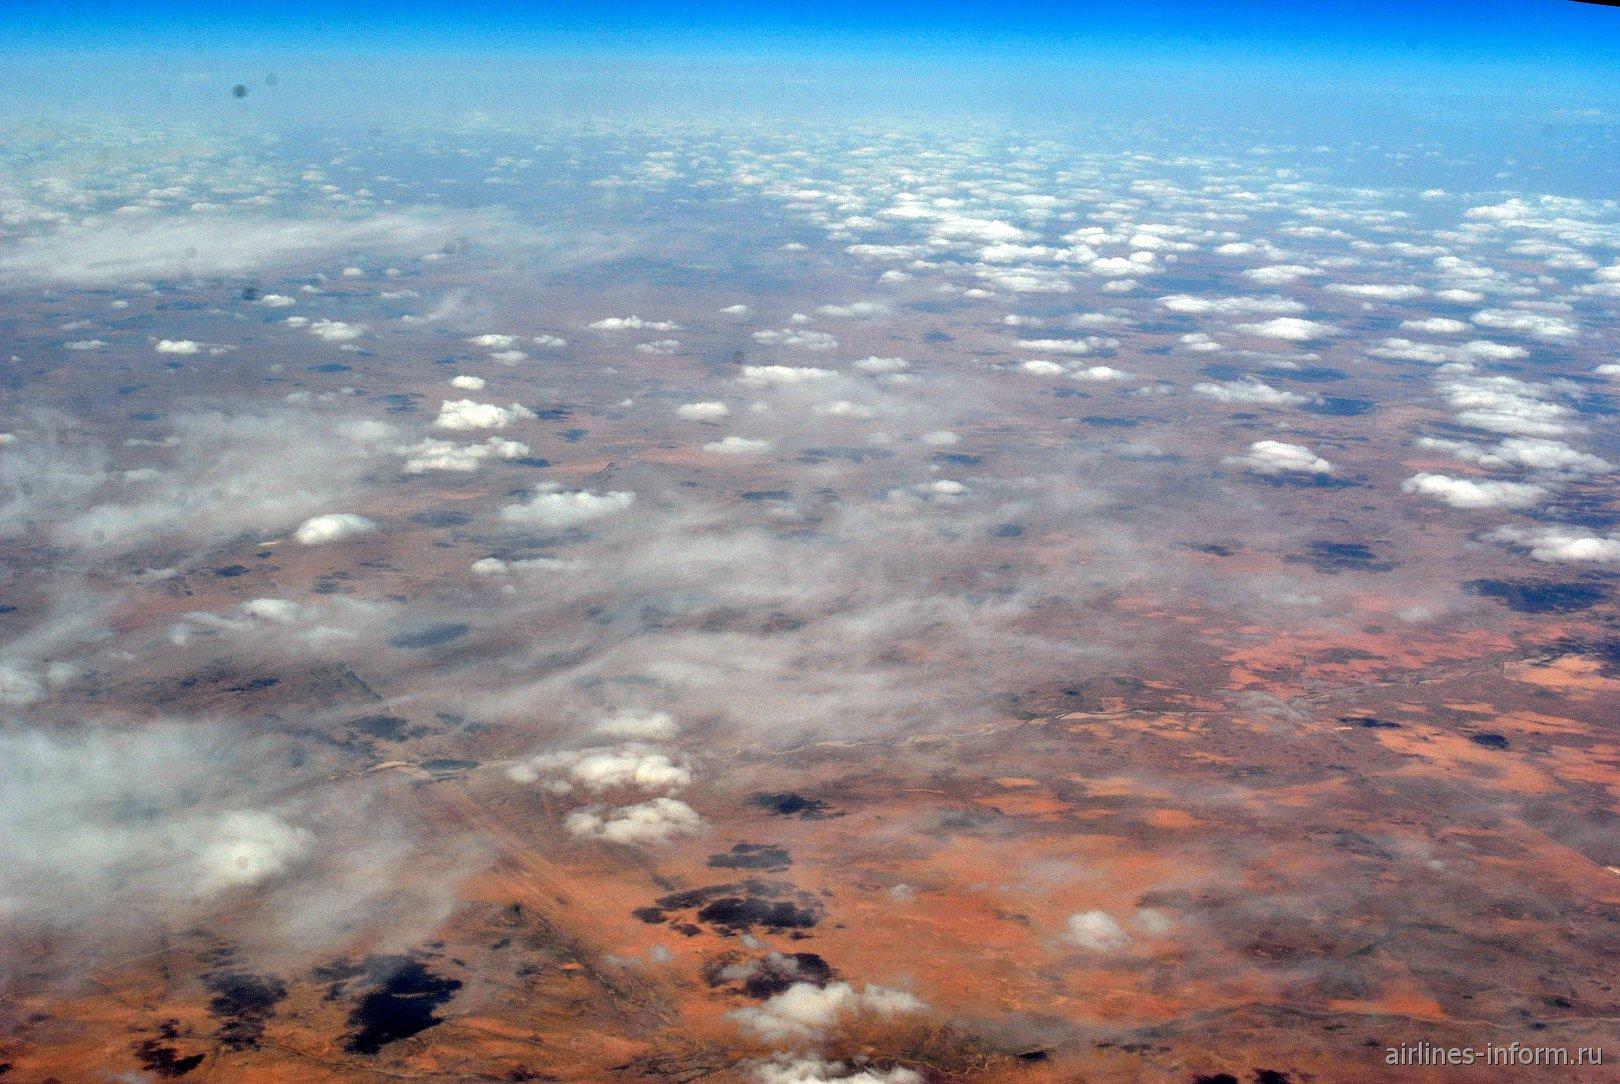 Перистая облачность над Алжиром